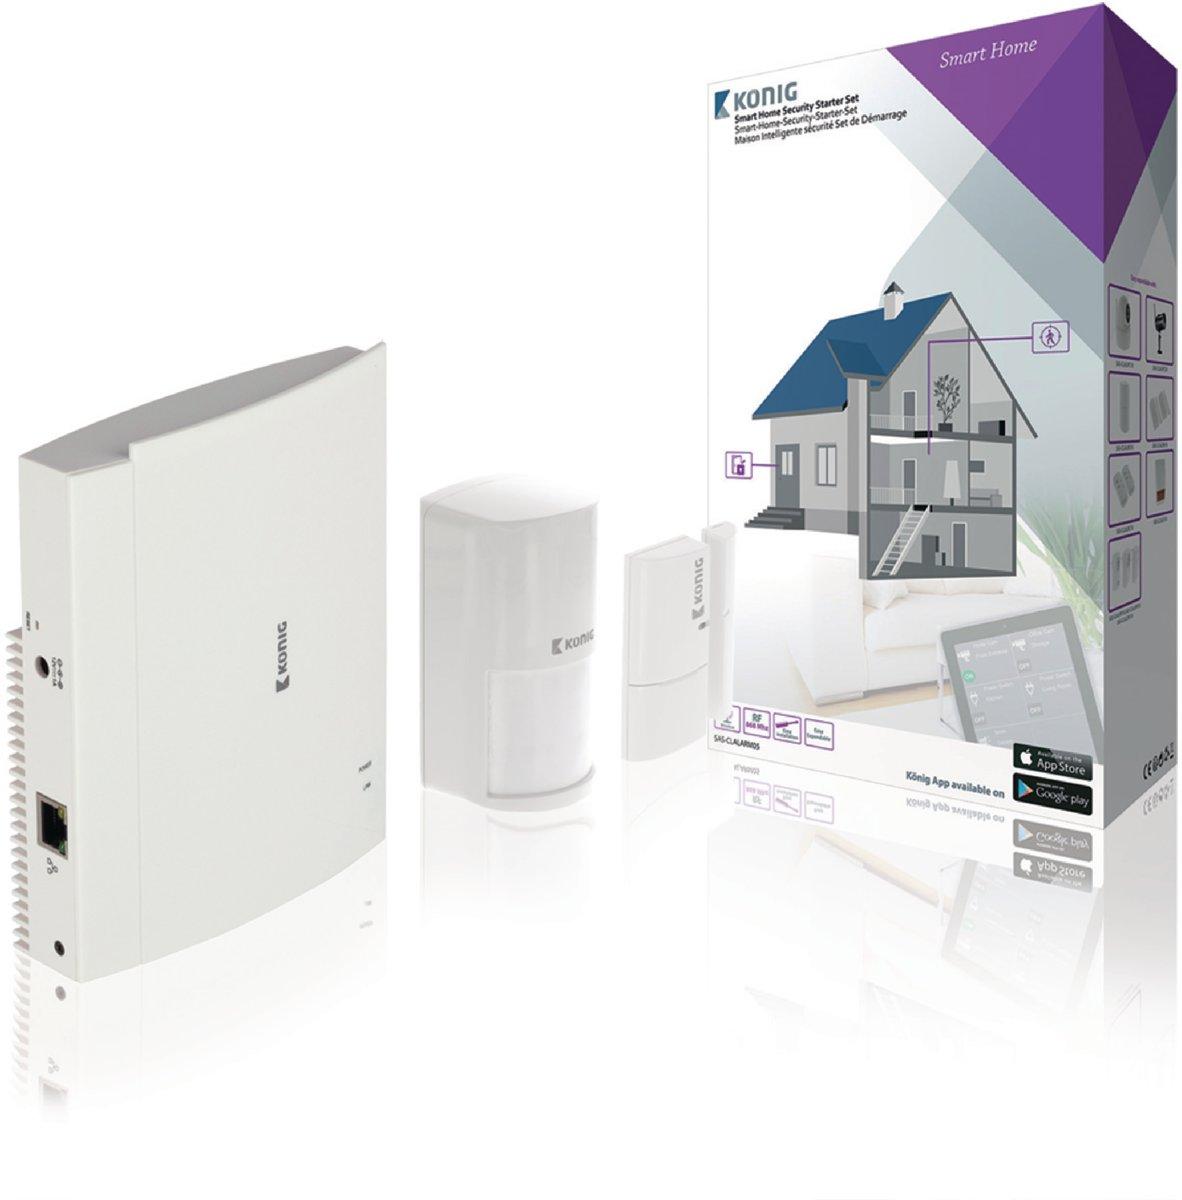 Smart home starter beveiligingsset voor €49,95